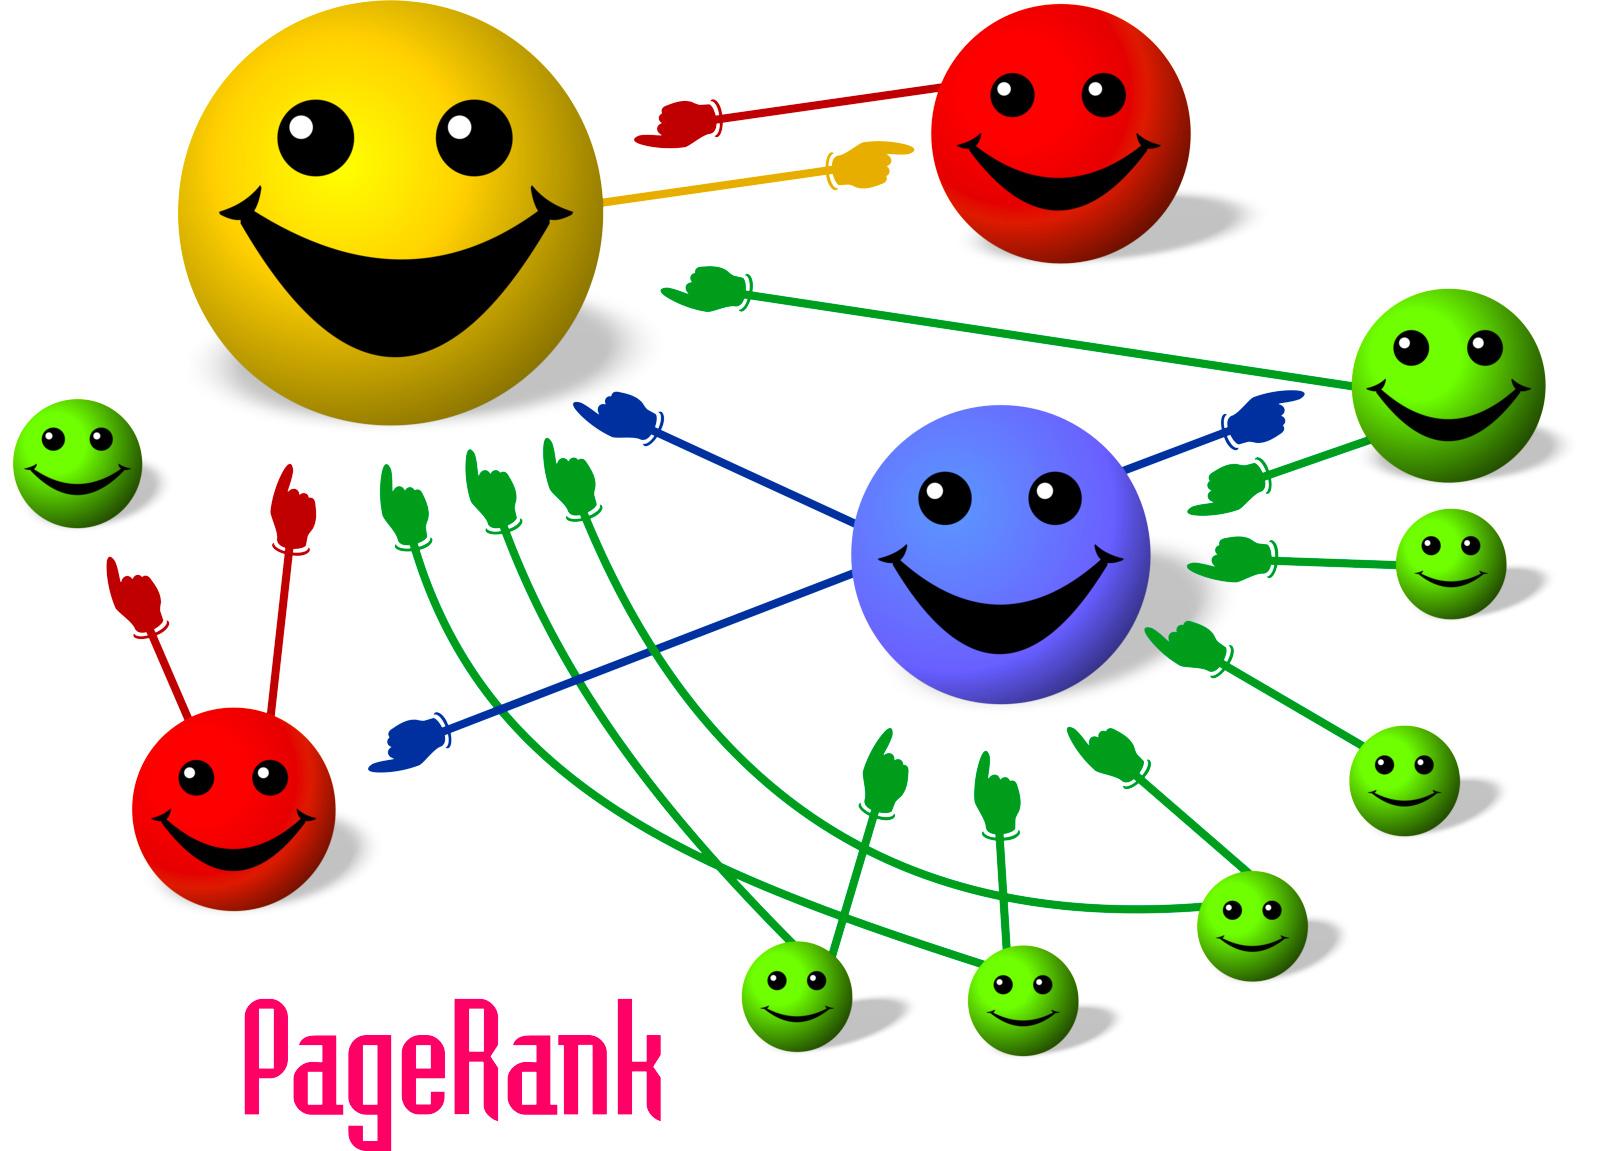 بک لینک باعث قوی تر شدن سایت ها و افزایش محبوبیت آنها در اینترنت می شود.